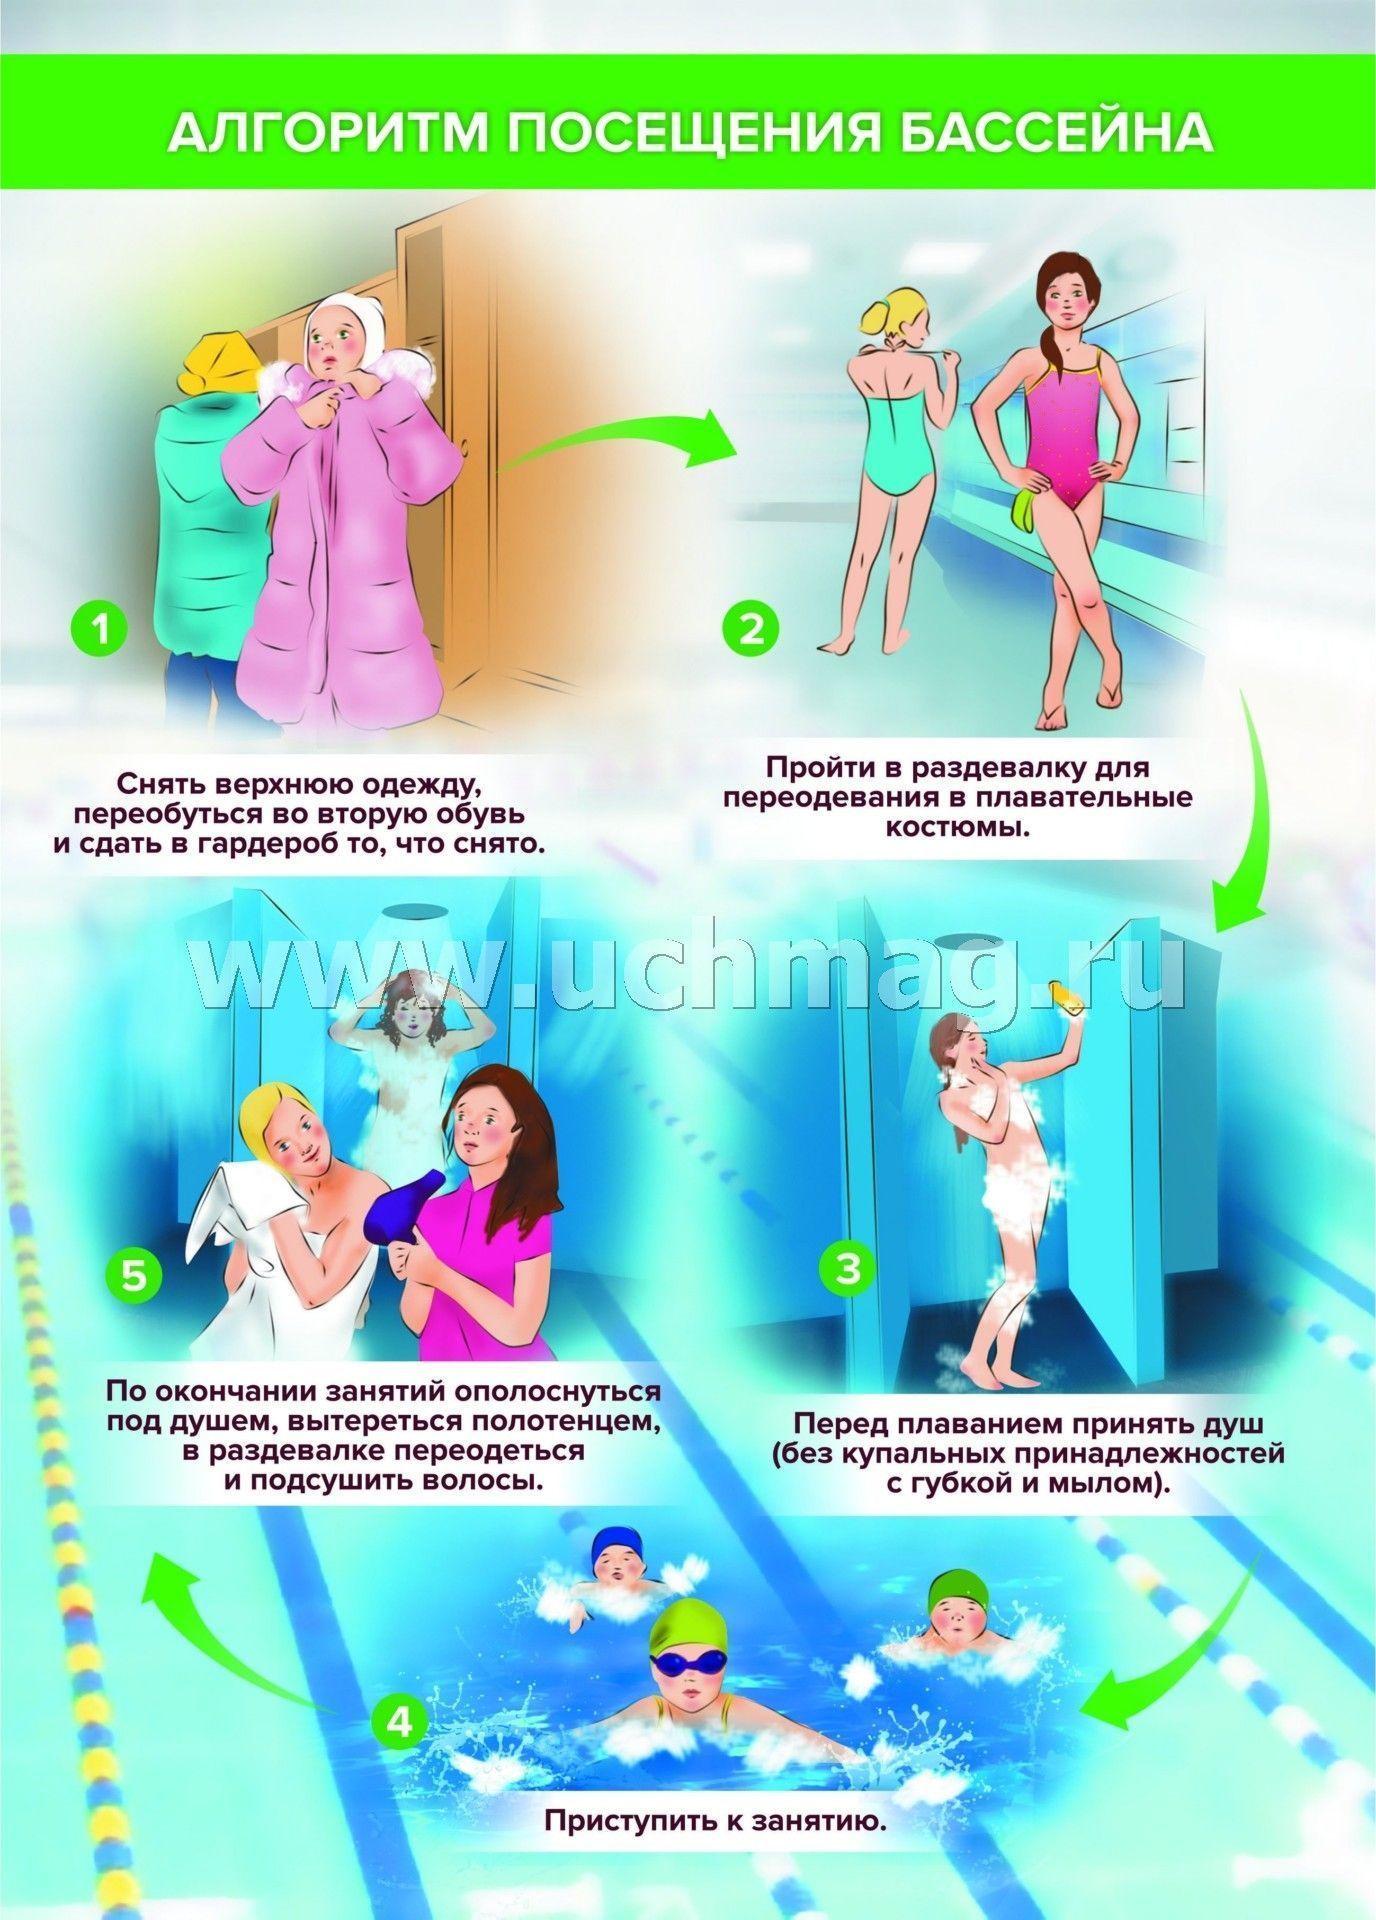 курортная правила посещения бассейна в картинках путь